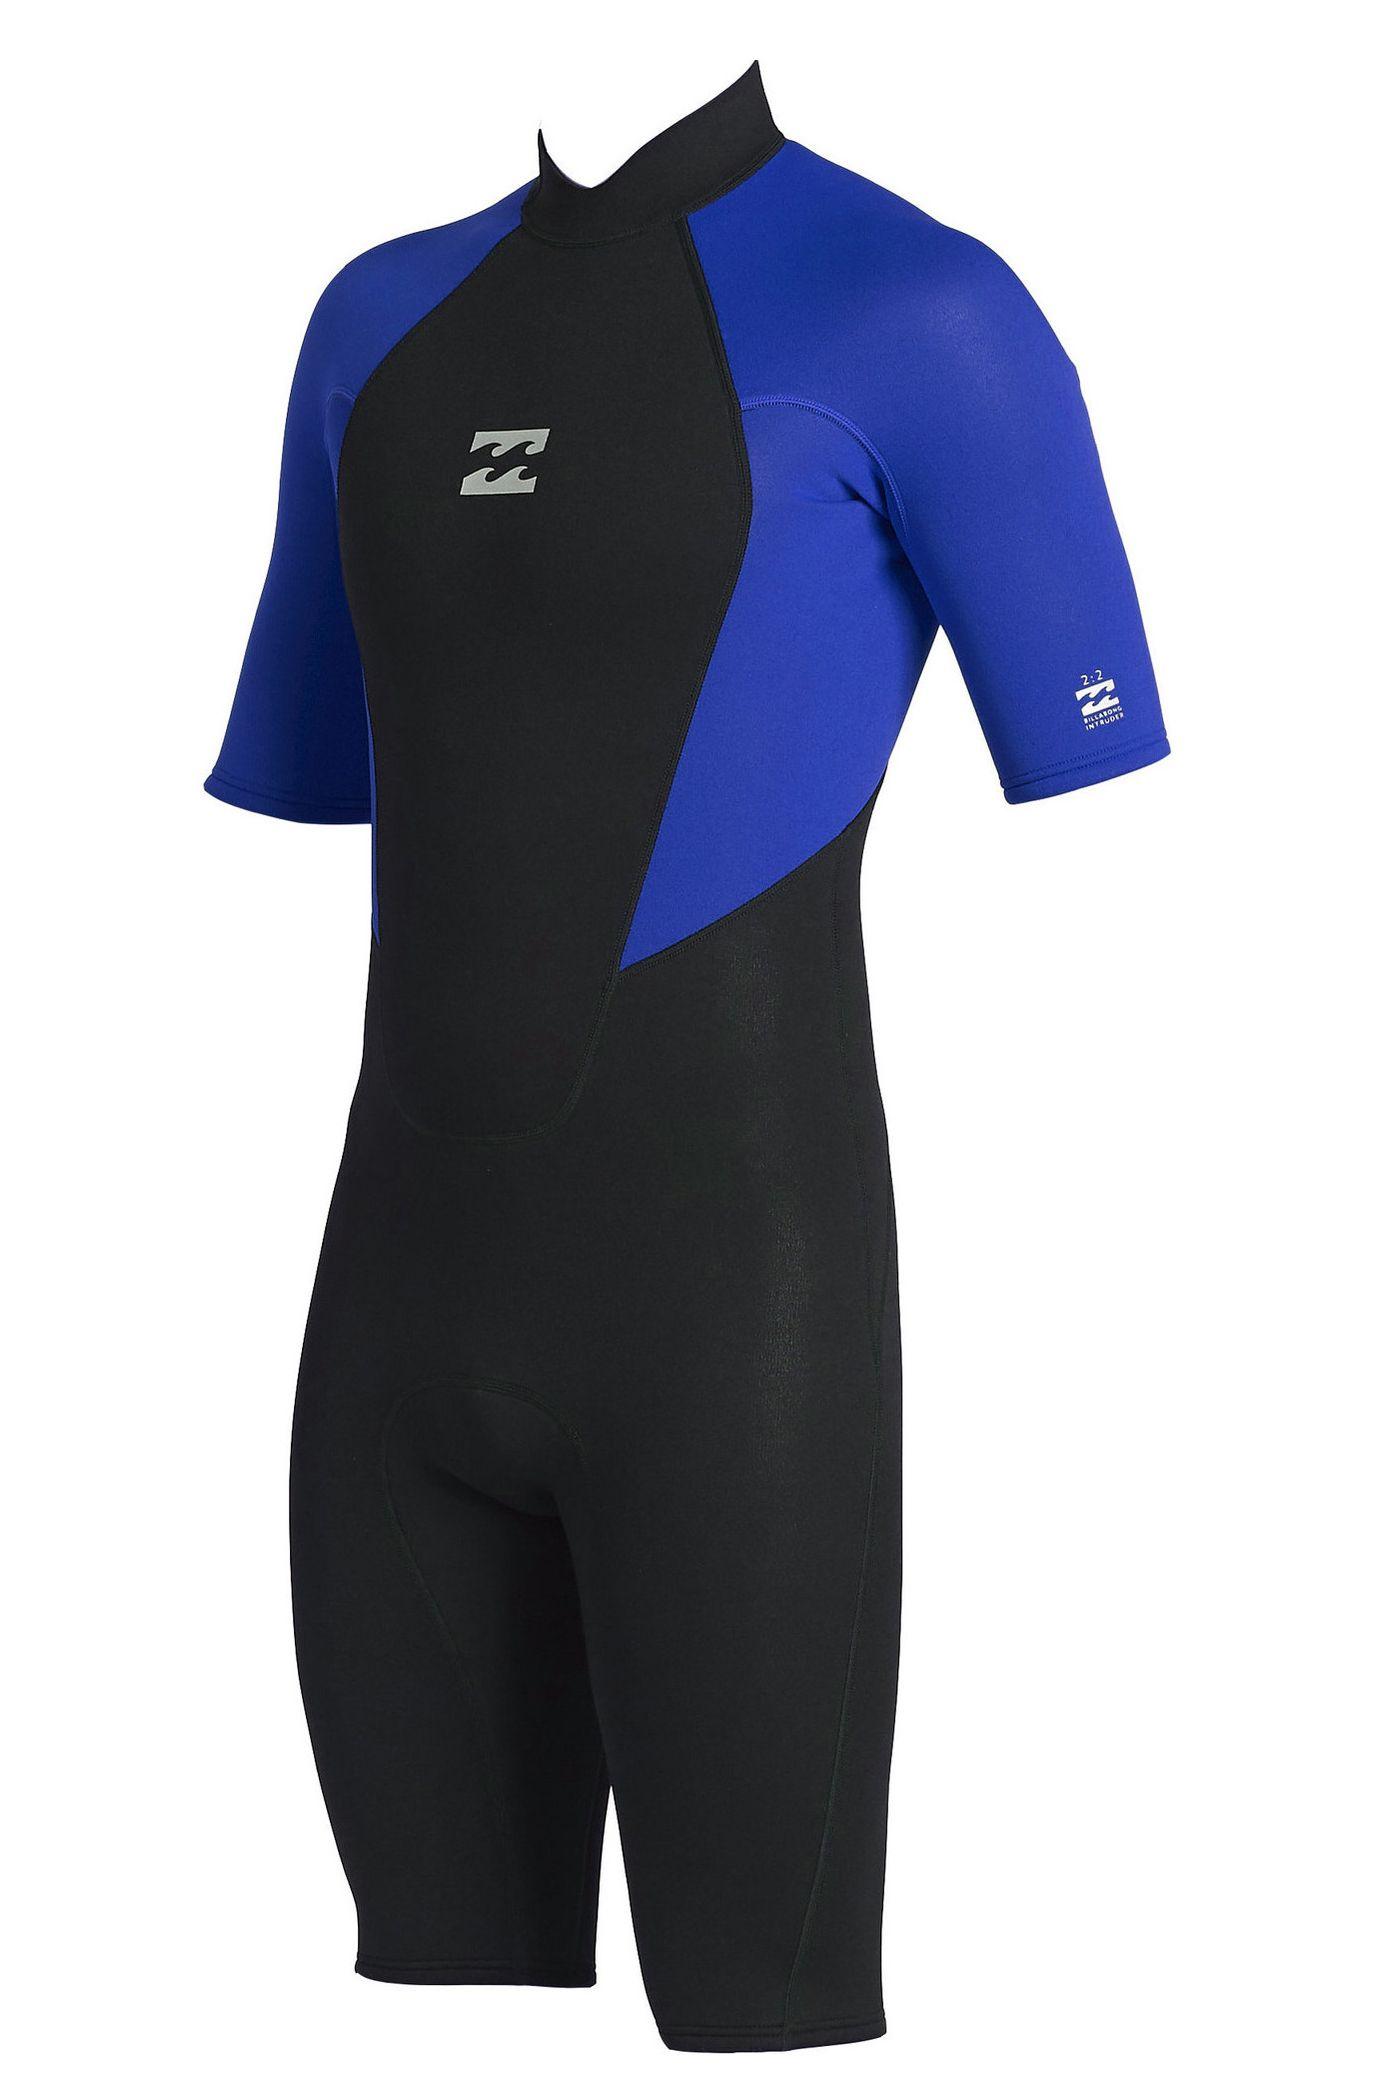 Billabong Wetsuit 22 T INTRDR BZ FL SP Blue 2x2mm